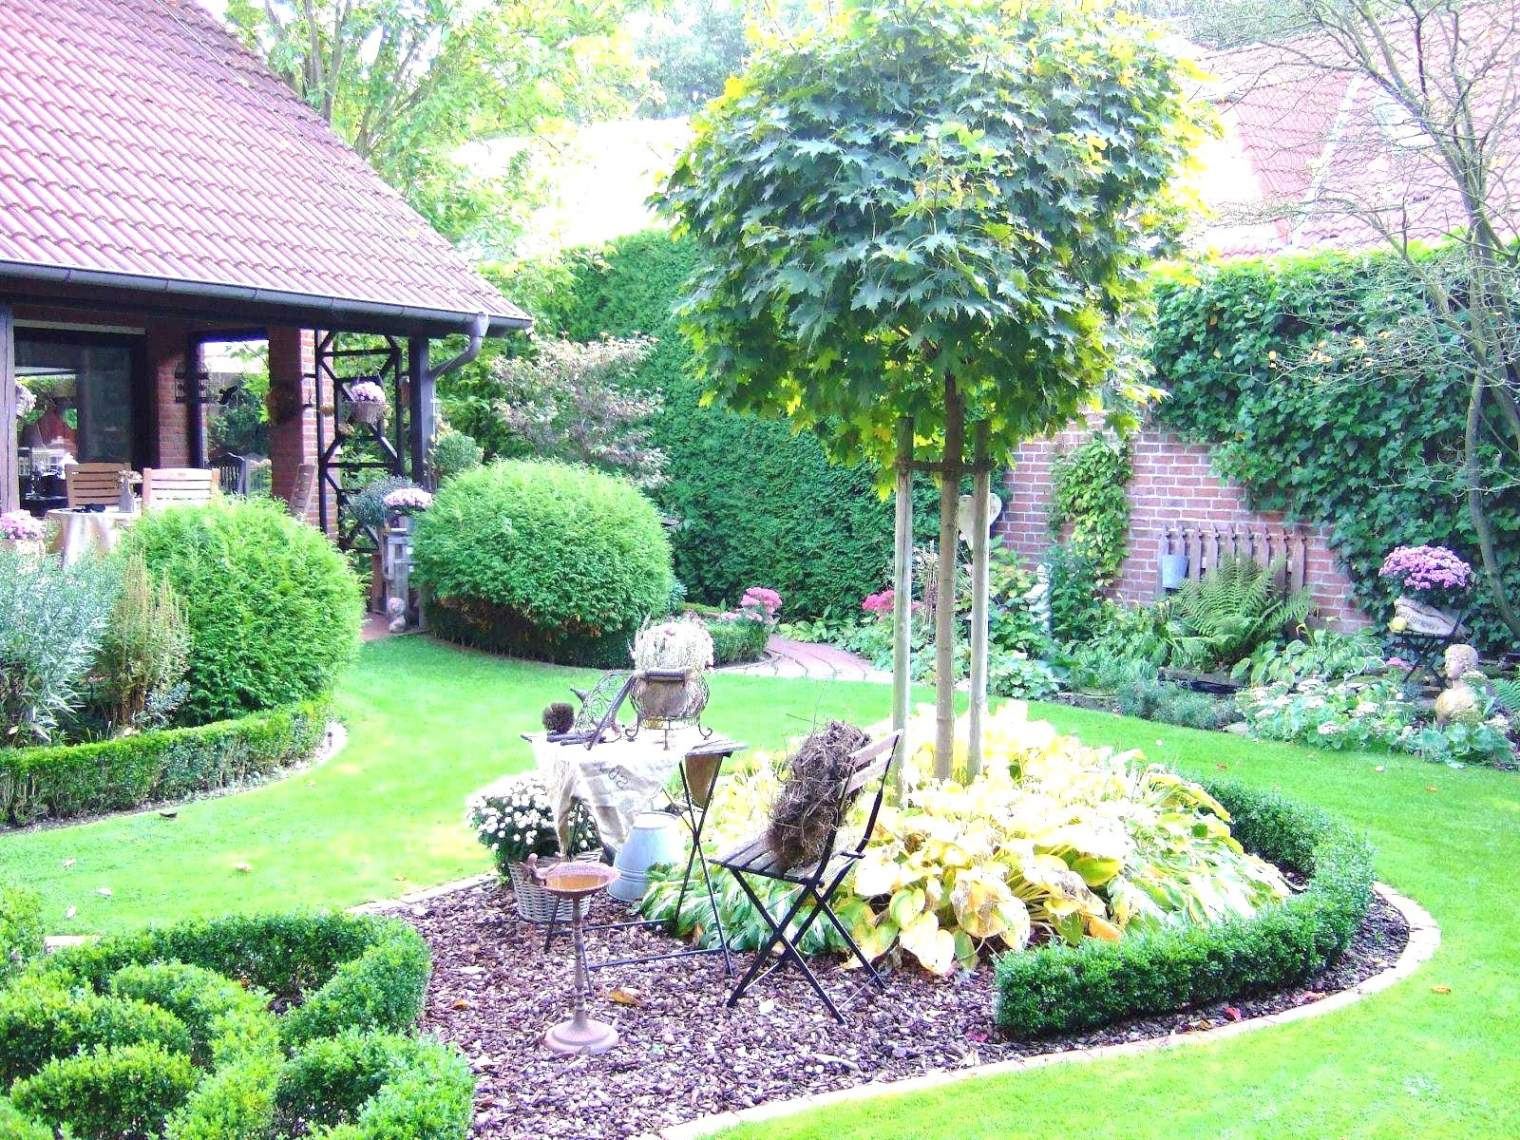 kleinen garten gestalten inspirierend garten ideas garten anlegen kleinen vorgarten gestalten kleinen vorgarten gestalten